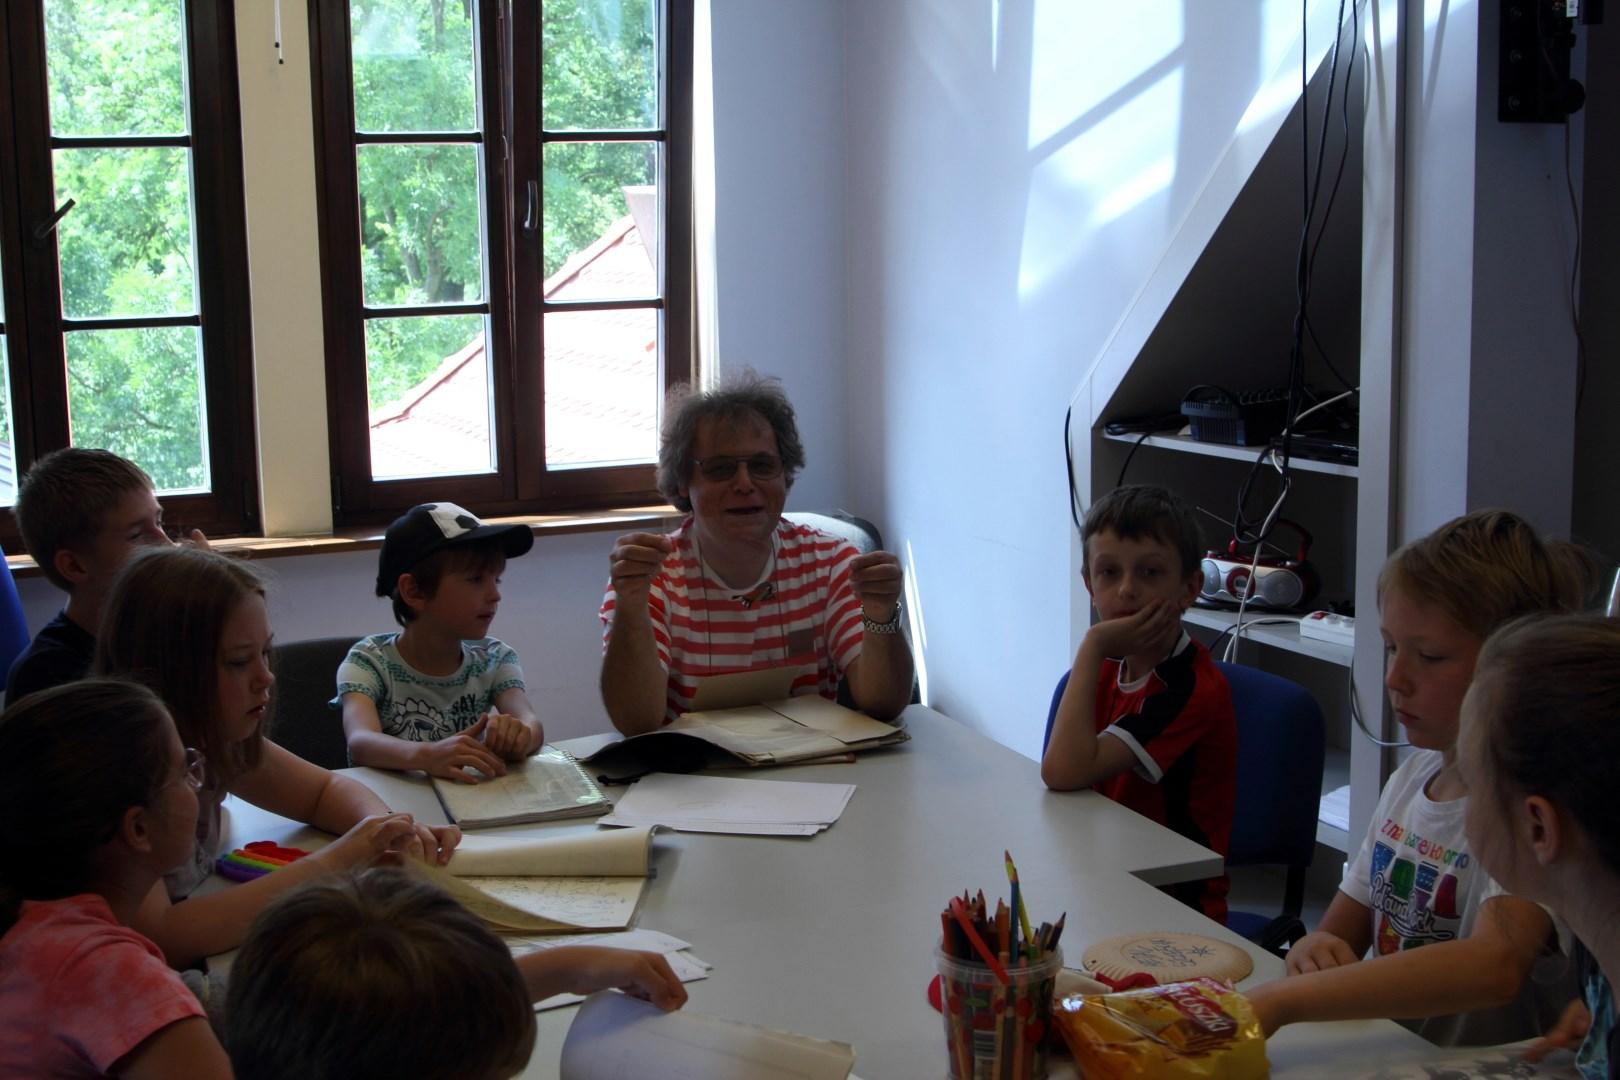 Na zdjęciu uczetnicy warsztatów (dzieci) siedzący przy stolikach. Pośród nich siedzi wychowawca pokazujący obrazki